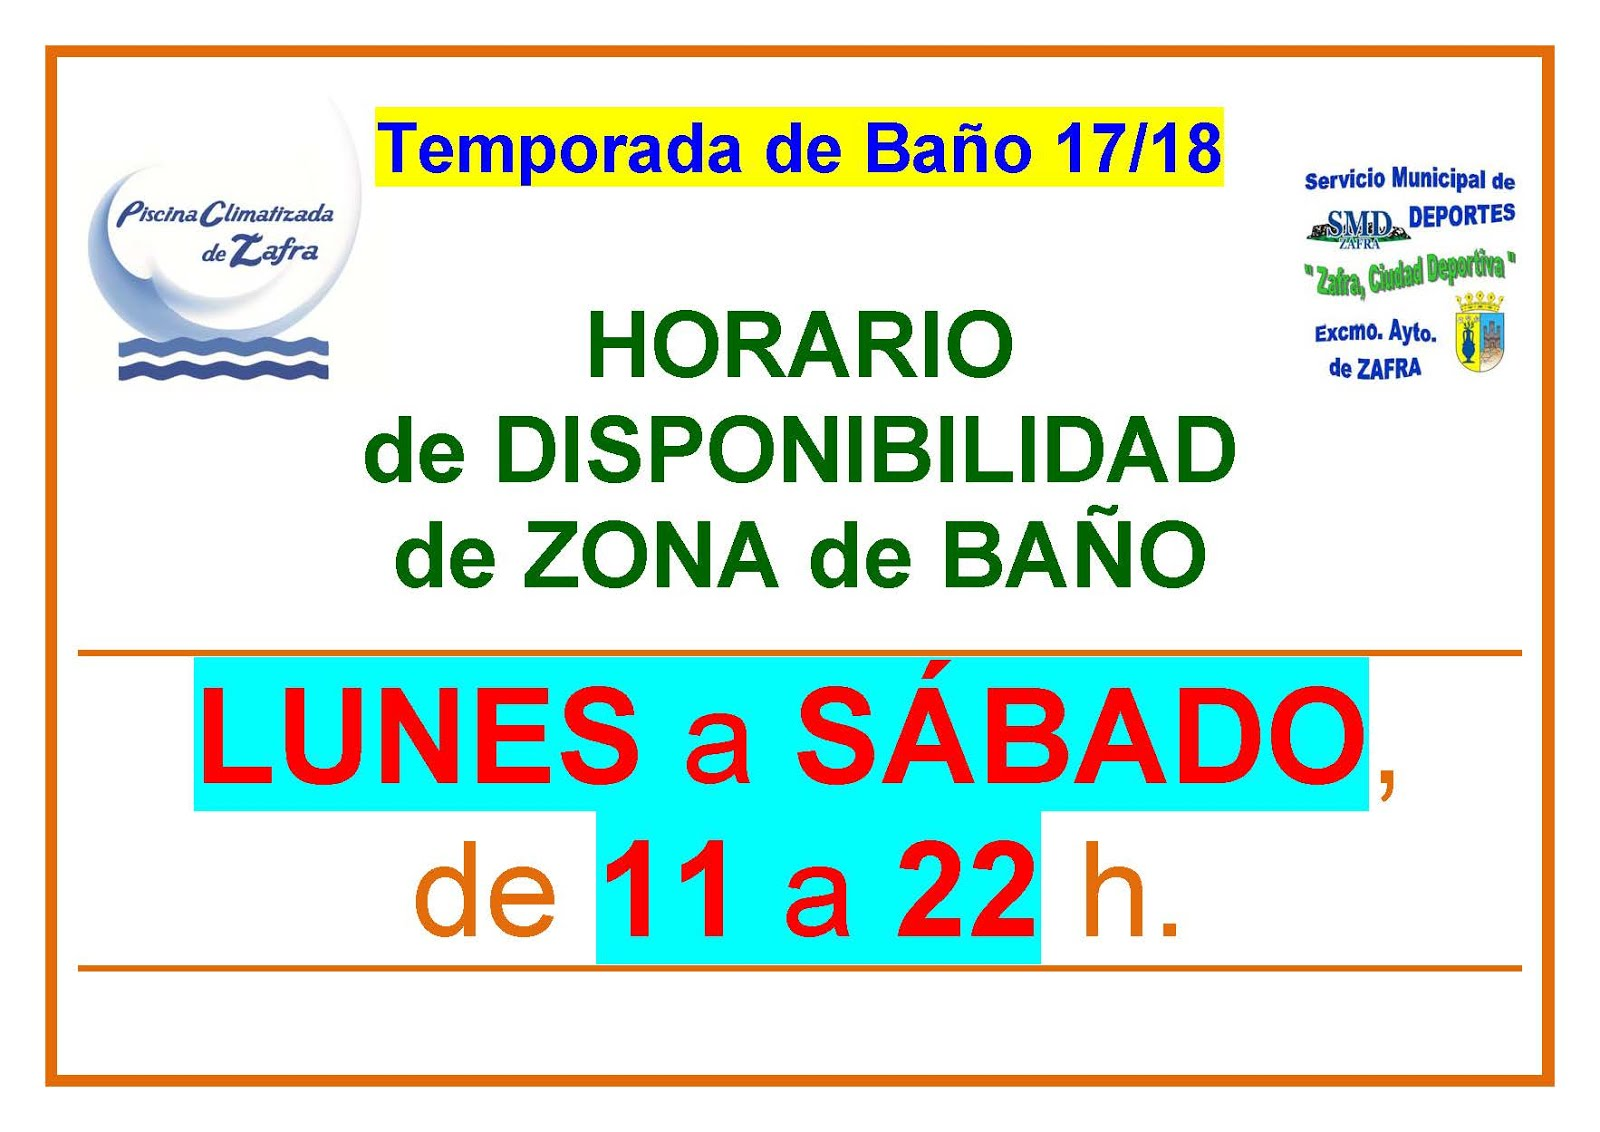 PMCC - HORARIO_DISPONIBILIDAD de la ZONA_de_BAÑO